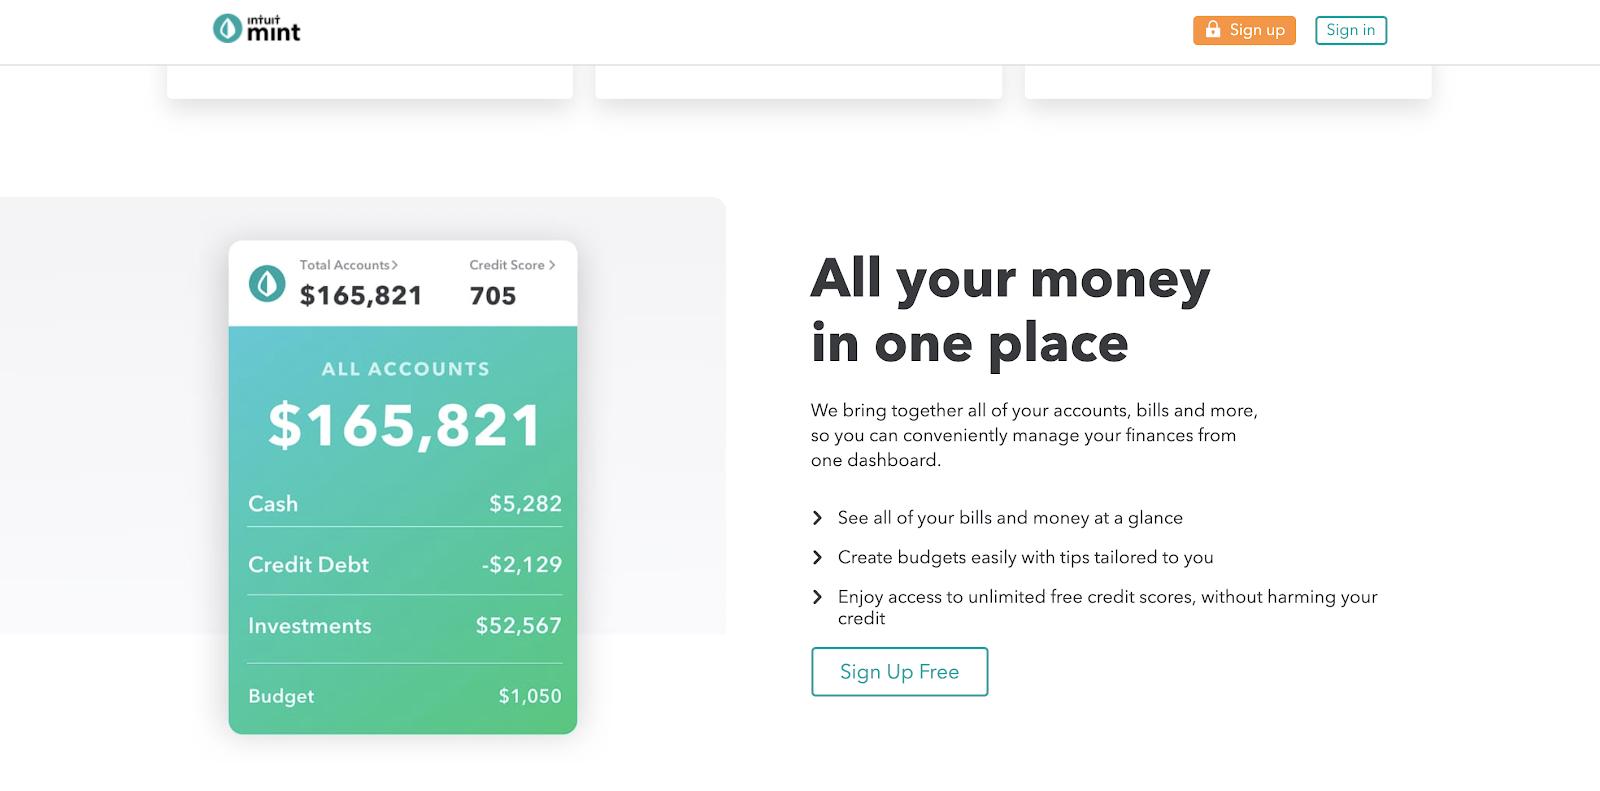 Capital personal frente a la menta: una página web que muestra las funciones móviles de Mint